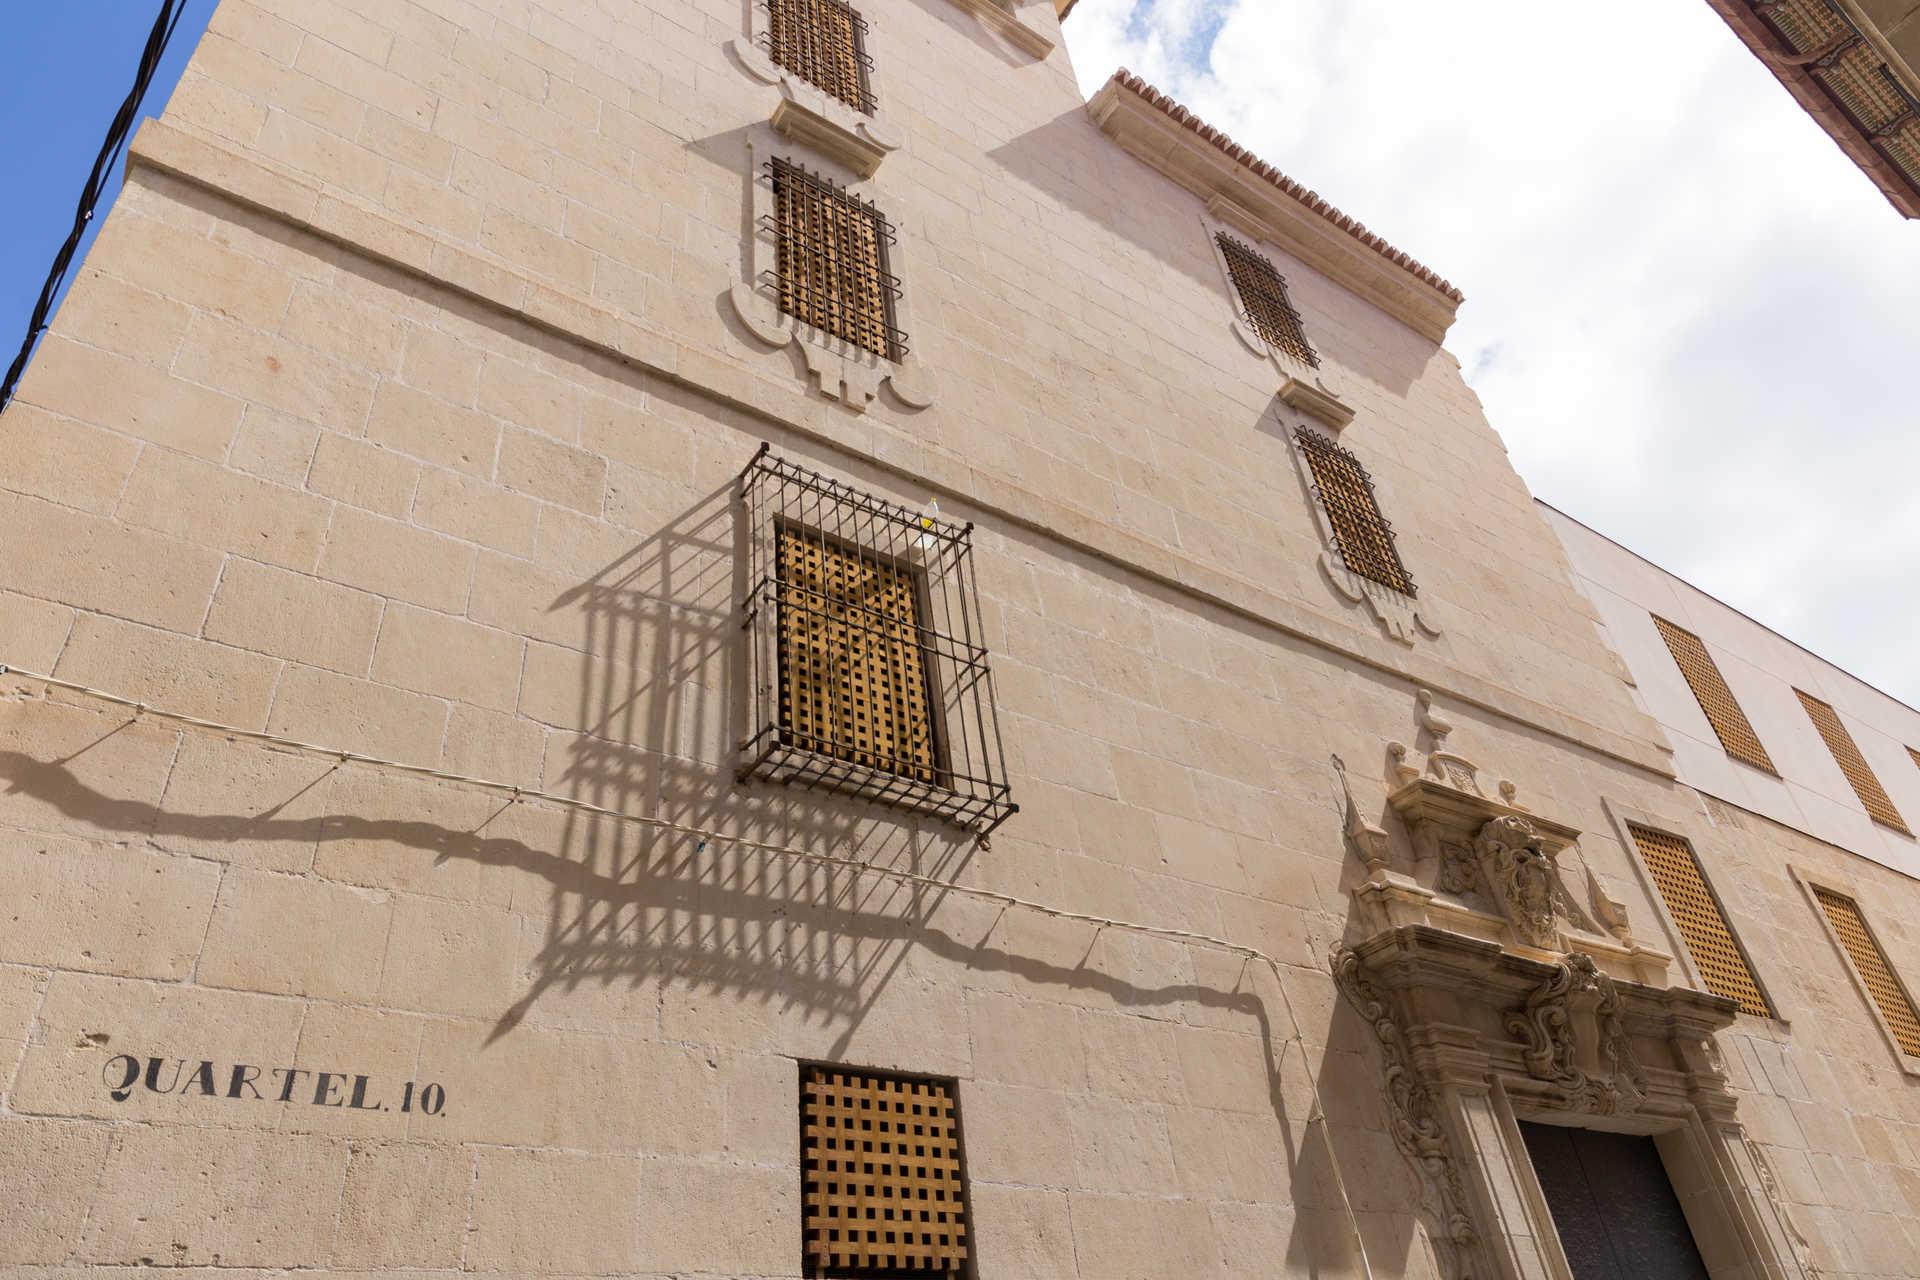 The Monastery Of The Preciosísima Sangre De Cristo